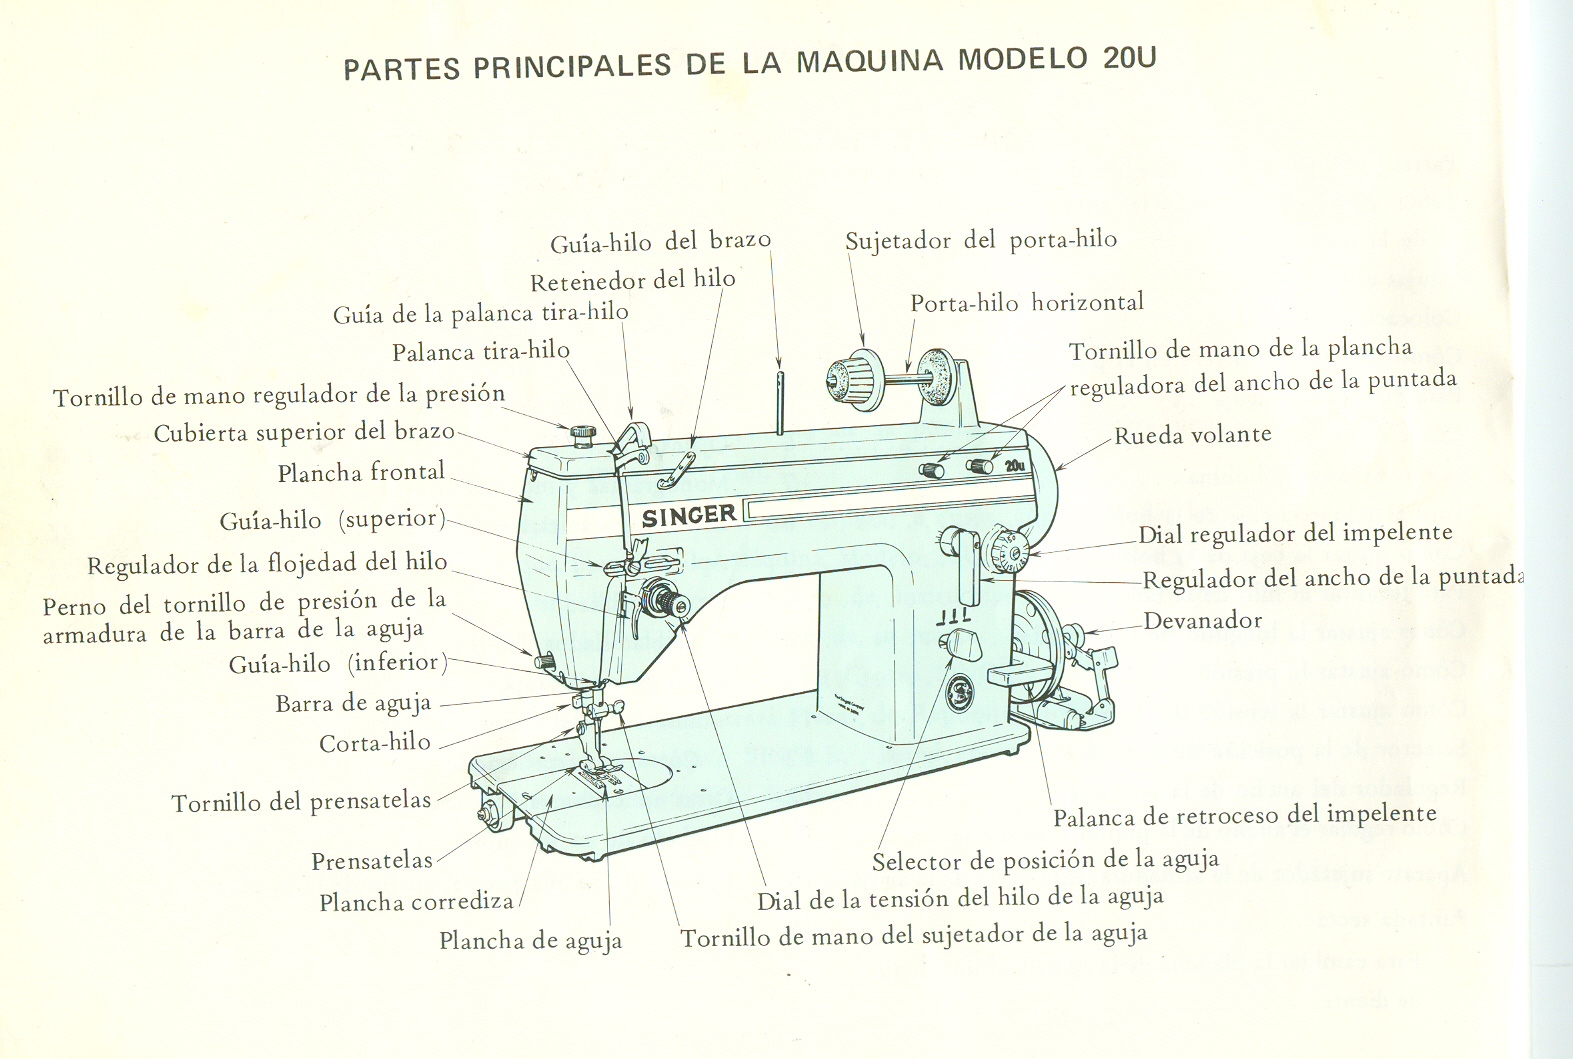 MODA Y CONFECCIÓN 1: PARTES DE LA MÁQUINA